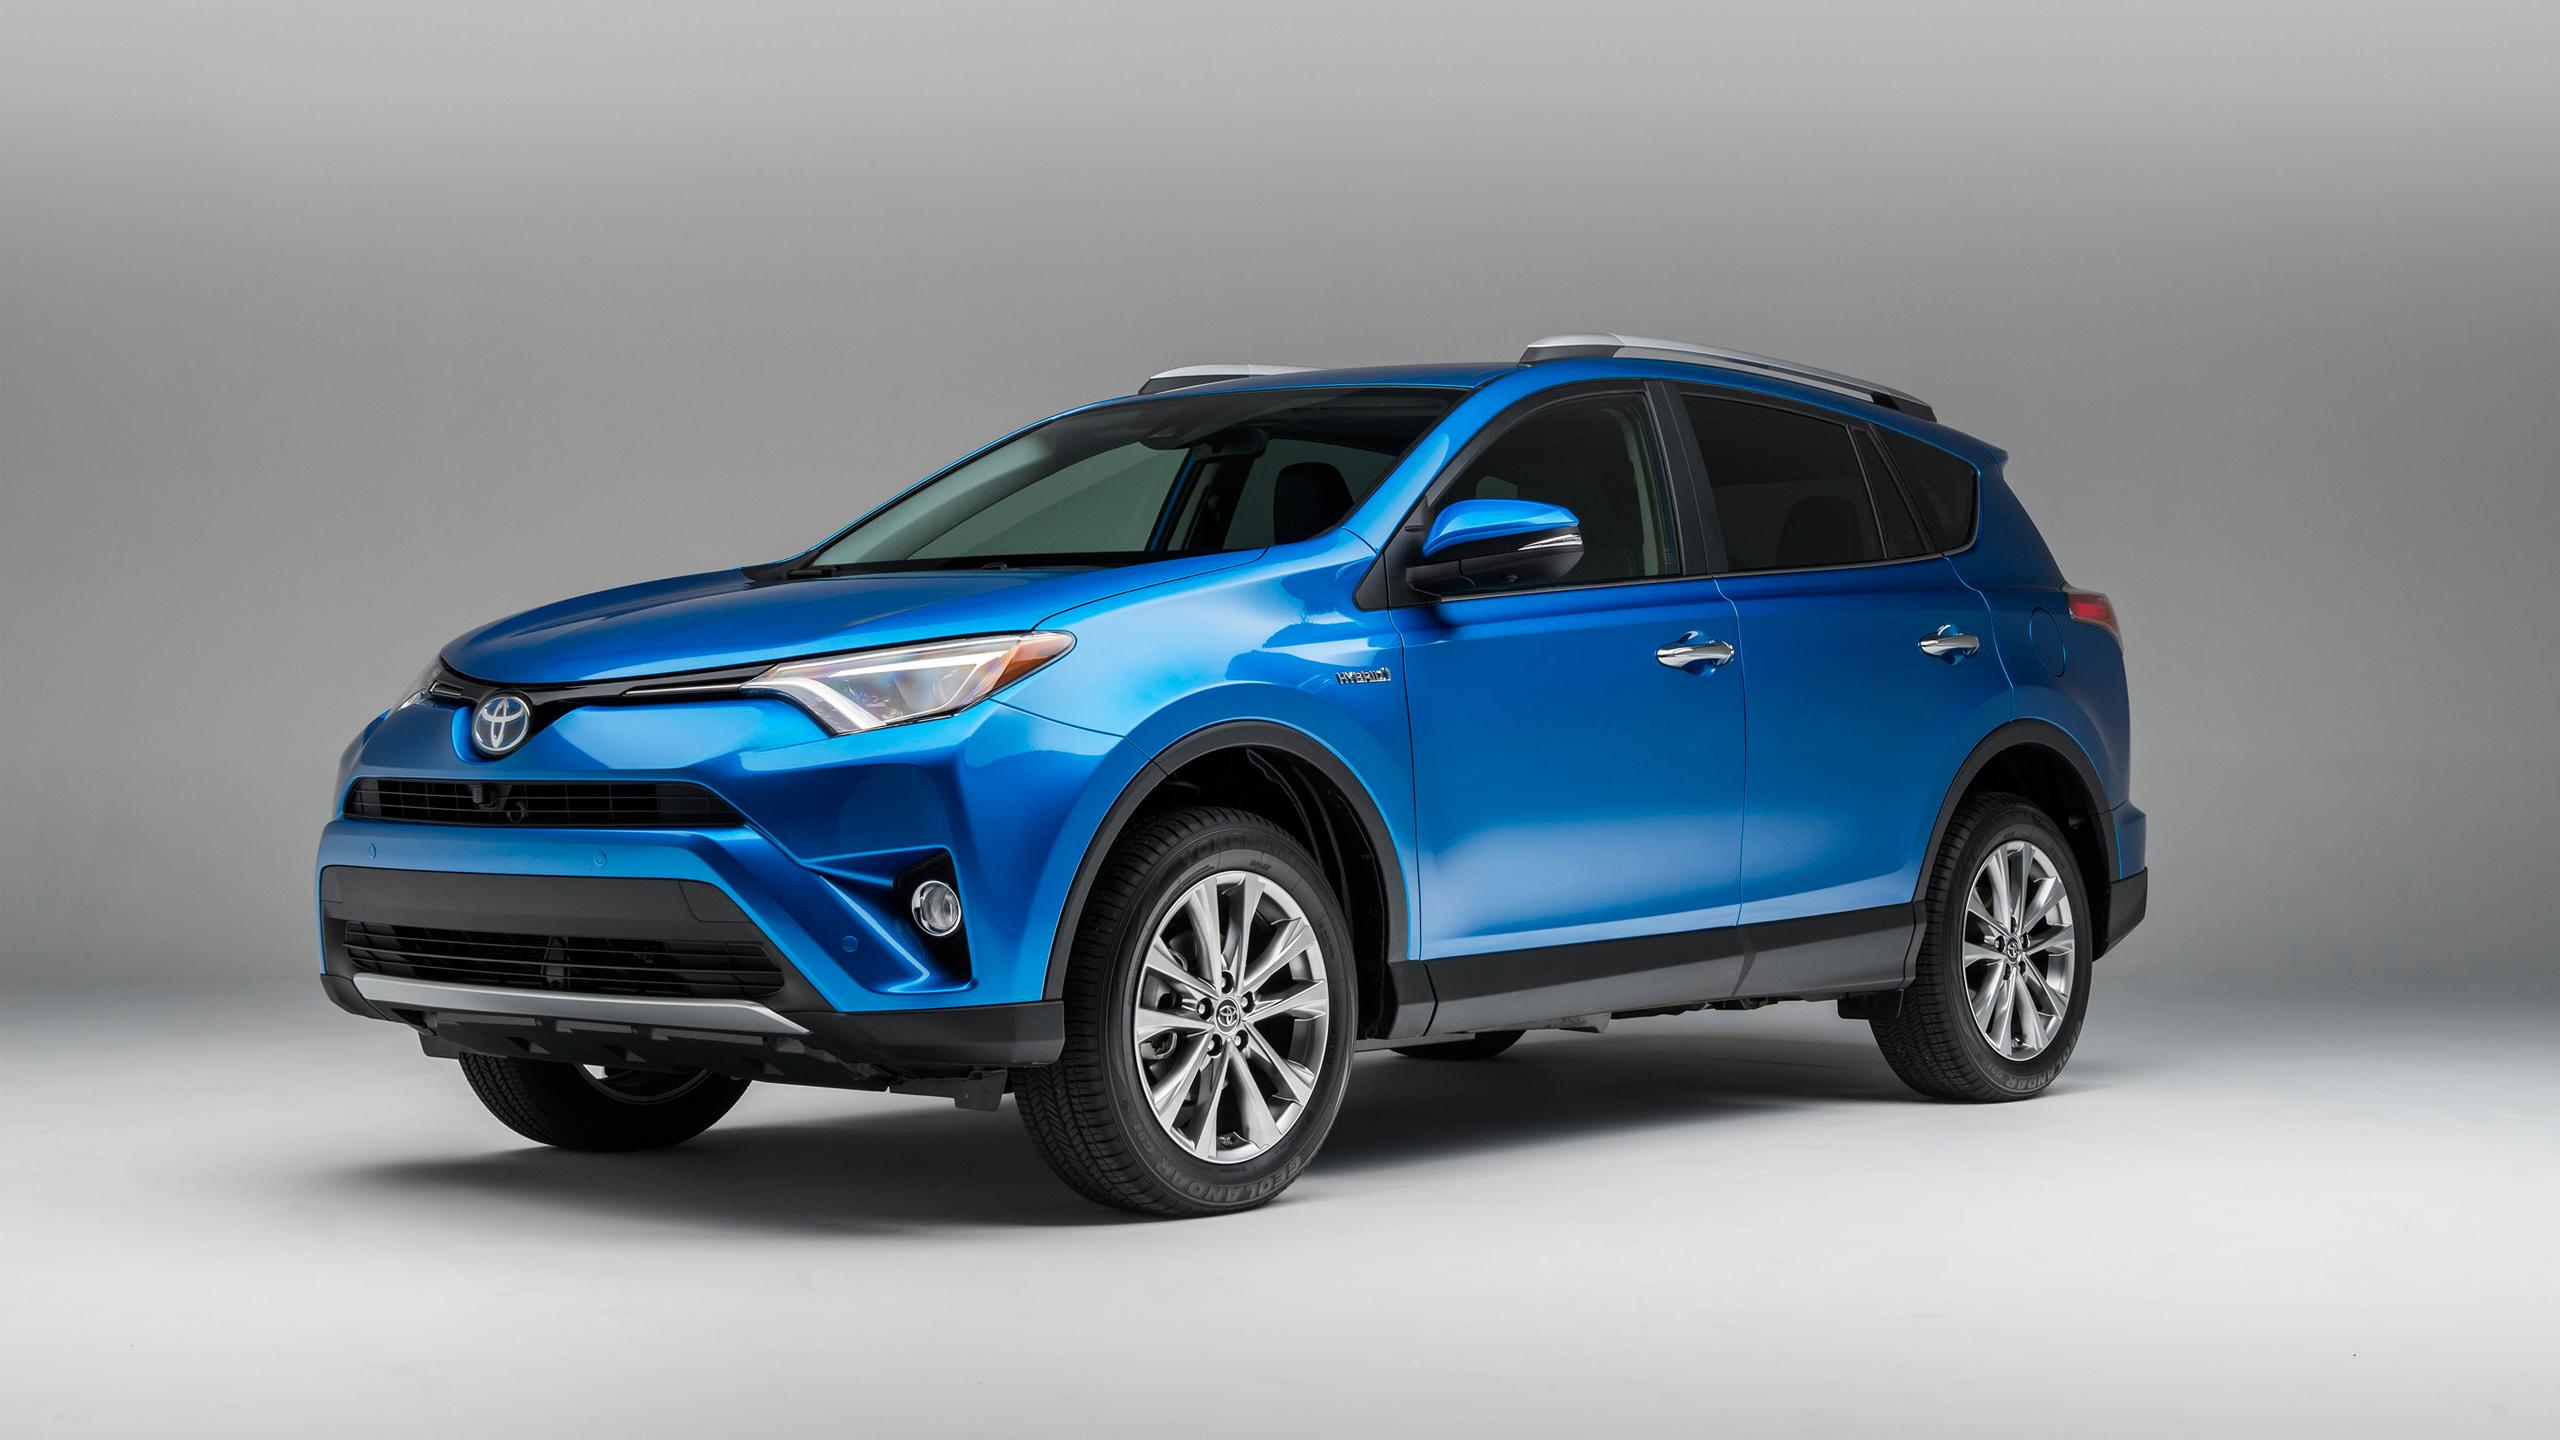 2016 Toyota Rav4 Hybrid Wallpaper